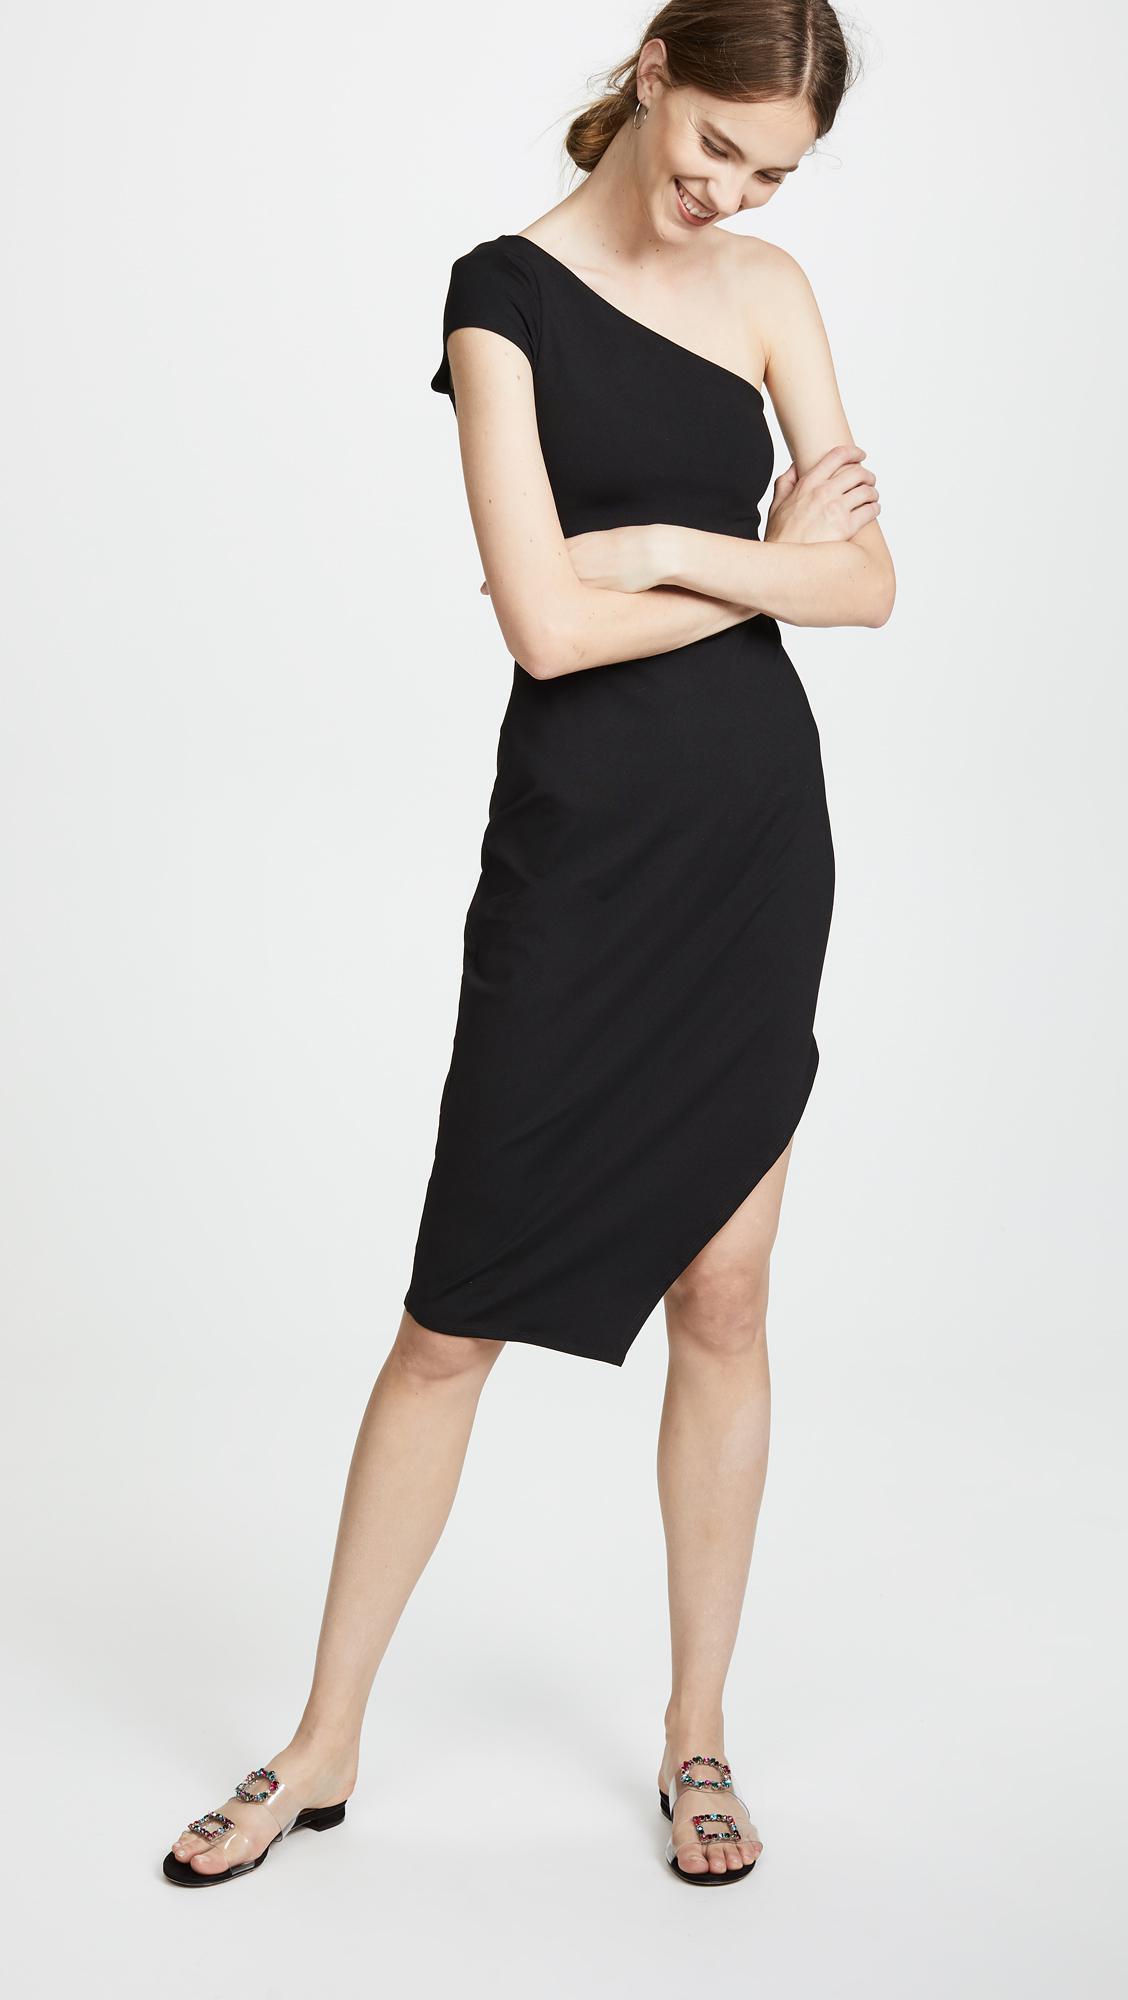 93b4fceace Lyst - Susana Monaco One Shoulder Dress With Side Slit in Black